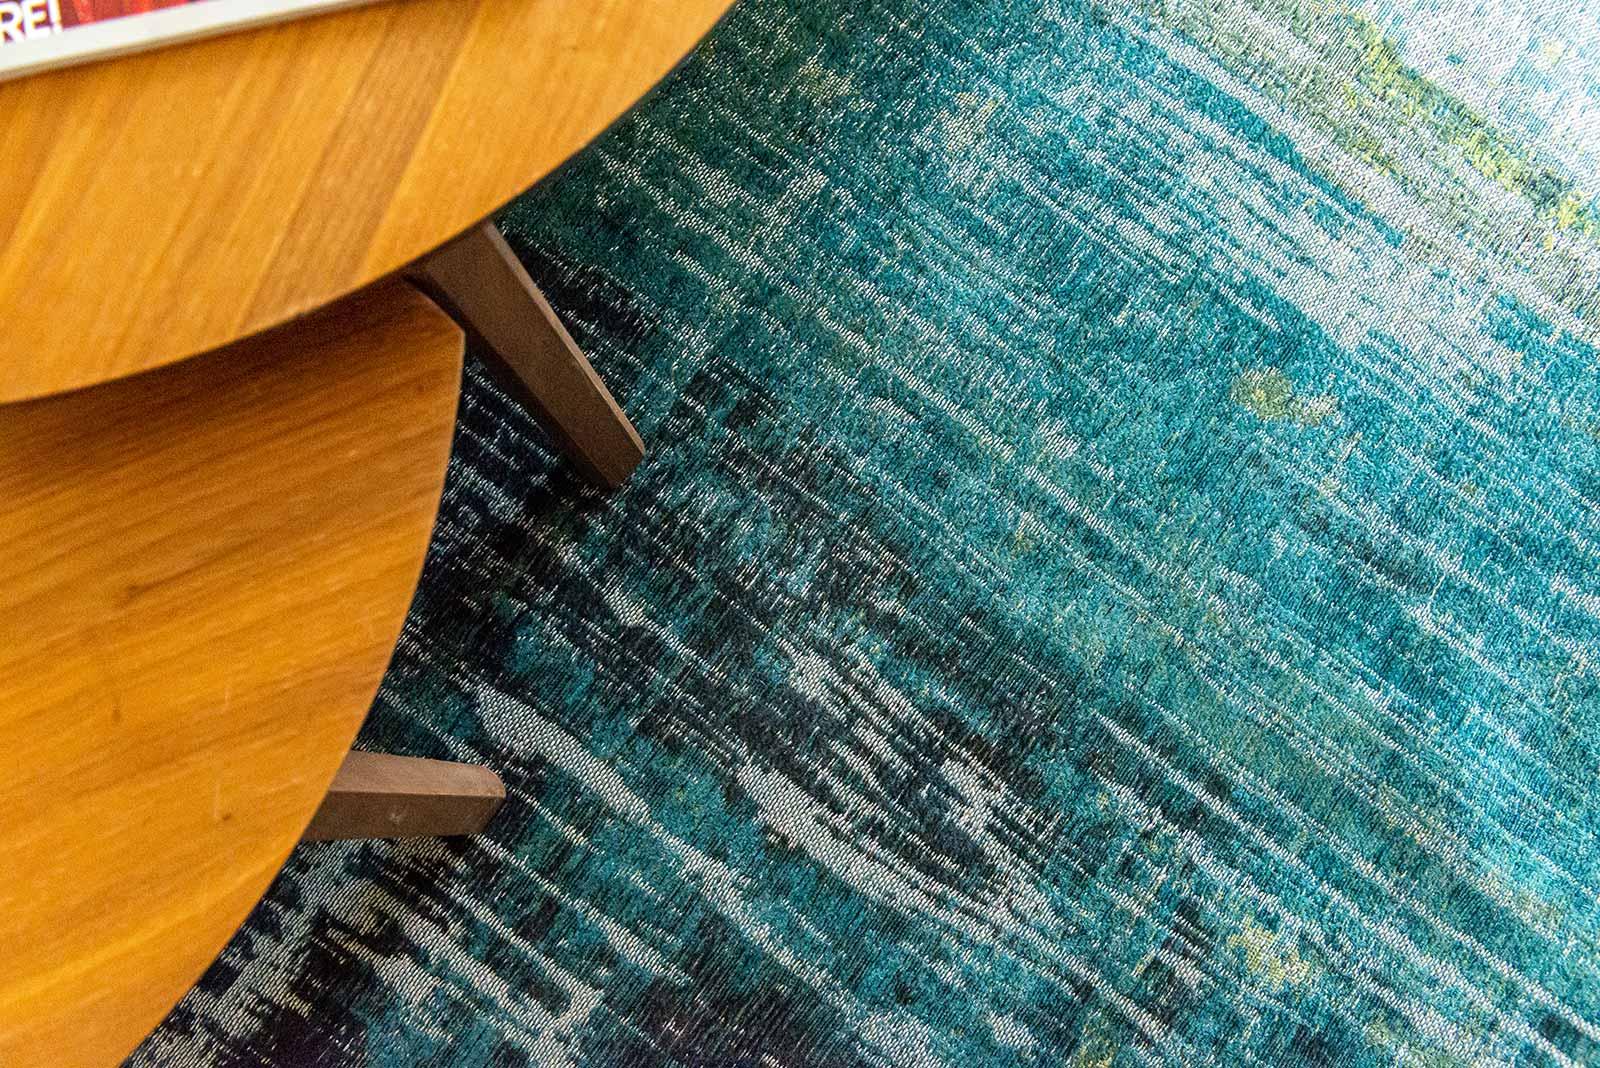 Louis De Poortere rug CS 9126 Atlantic Streaks Glen Cove interior 9